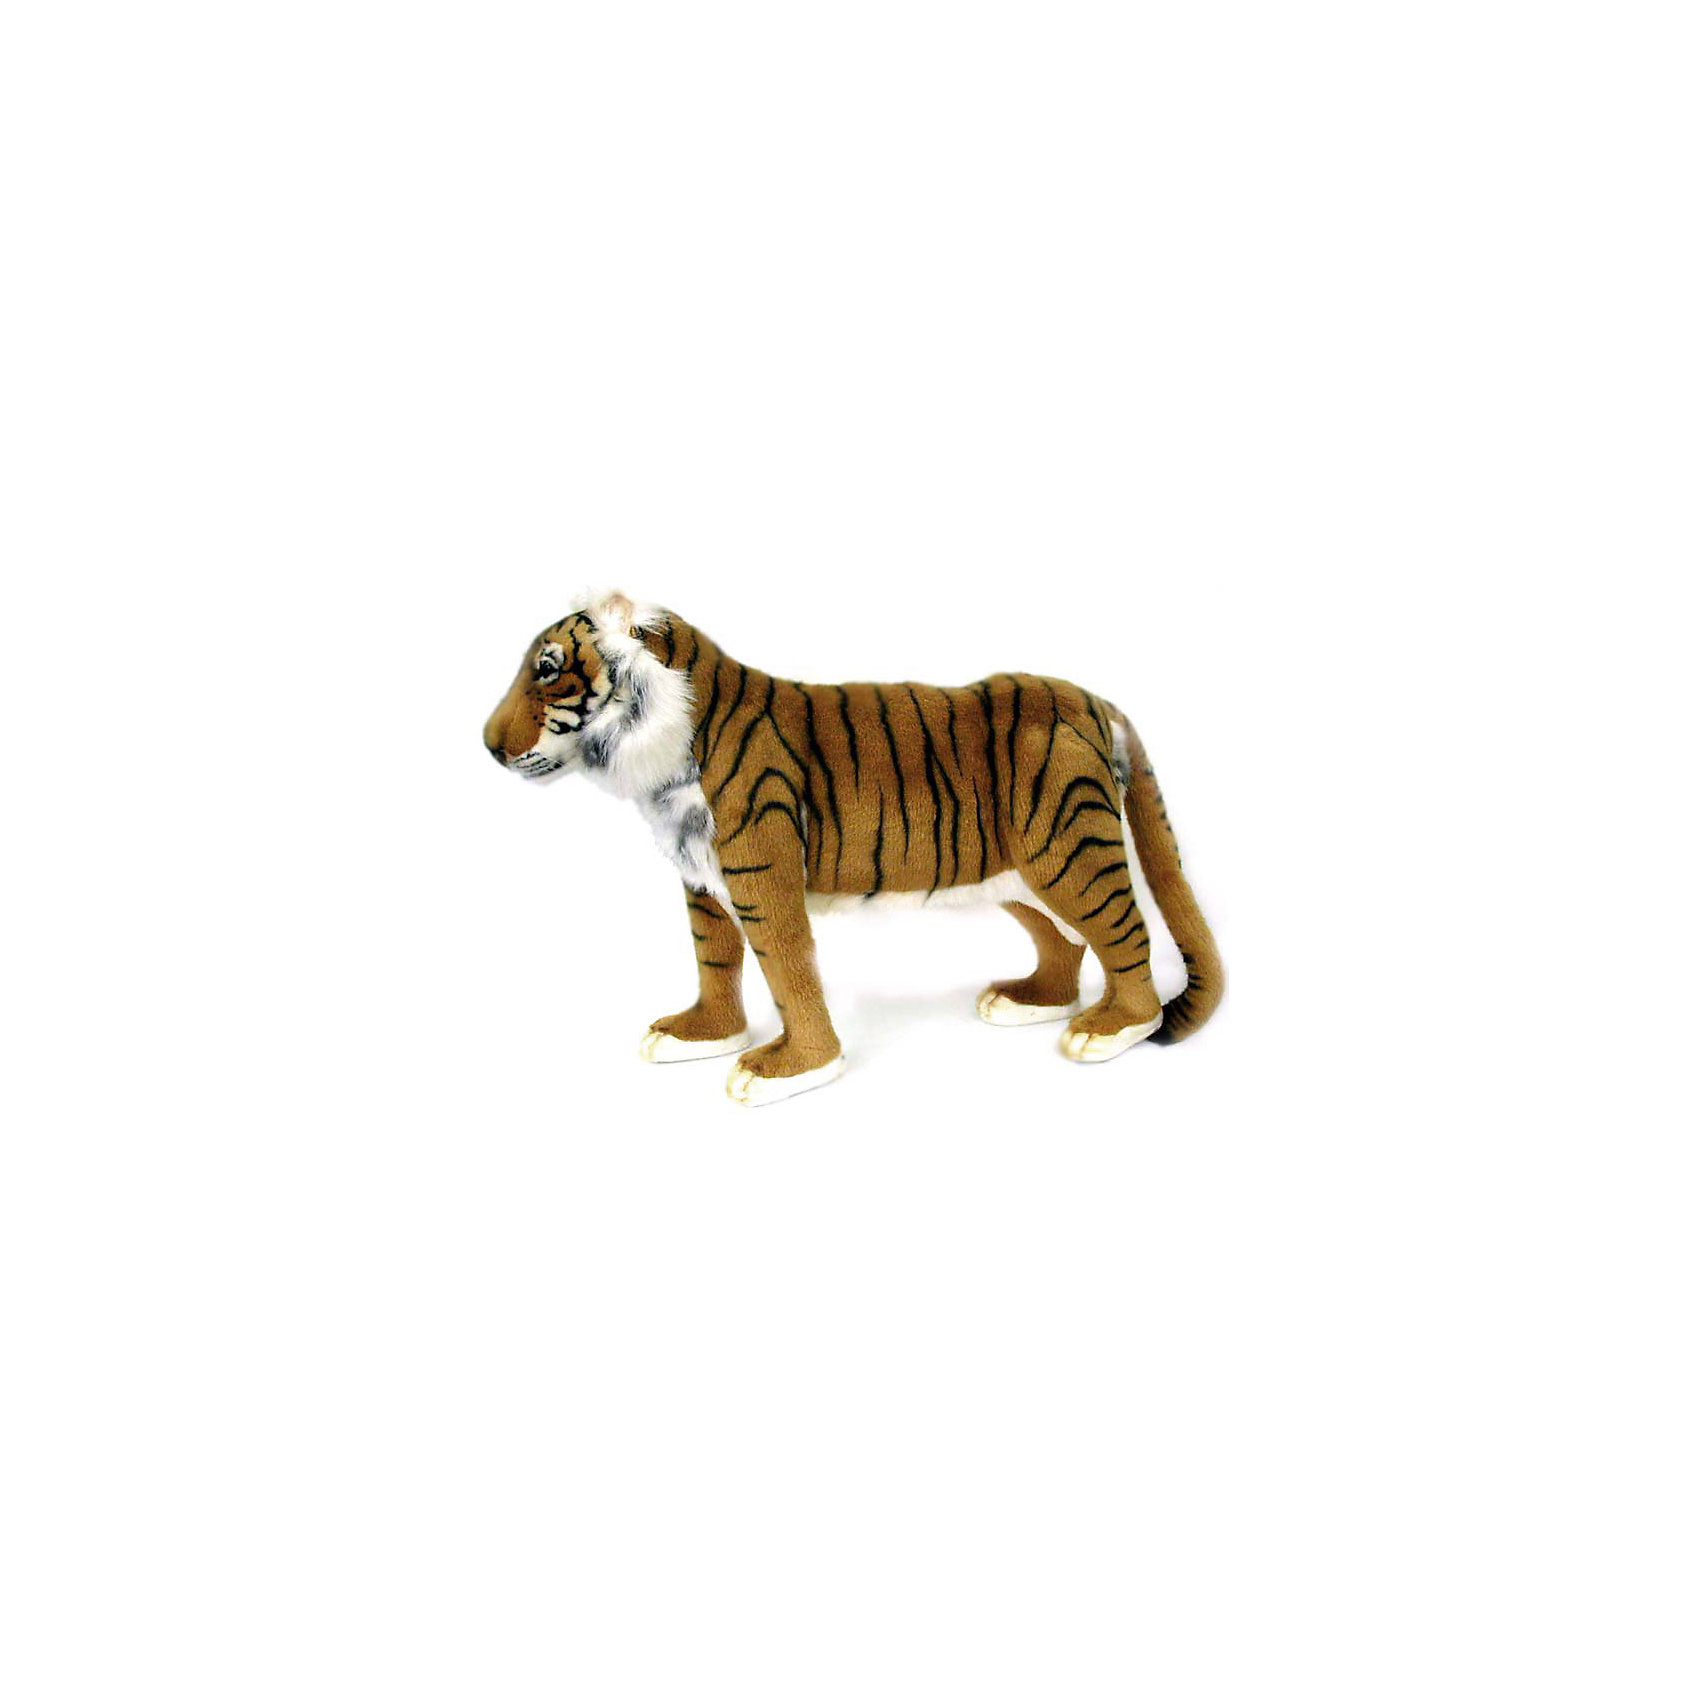 Тигр , 60 смЗвери и птицы<br>Тигр, 60 см – игрушка от знаменитого бренда Hansa, специализирующегося на выпуске мягких игрушек с высокой степенью натуралистичности. Внешний вид игрушки полностью соответствует реальному прототипу –  тигру. Он выполнен из искусственного меха с коротким ворсом. Окрас меха выполнен в рыжих и коричневых оттенках в черную полоску. Внутри имеется металлический каркас, который позволяет изменять положение. <br>Игрушка относится к серии Дикие животные. Выполнена из искусственного меха, обладающего гипоаллергенными свойствами.   <br>Мягкие игрушки от Hansa подходят для сюжетно-ролевых игр, для обучающих игр, направленных на знакомство с животным миром дикой природы. Кроме того, их можно использовать в качестве интерьерных игрушек. Коллекция из нескольких игрушек позволяет создать свой домашний зоопарк, который будет радовать вашего ребенка долгое время, так как ручная работа и качественные материалы гарантируют их долговечность и прочность.<br><br>Дополнительная информация:<br><br>- Вид игр: сюжетно-ролевые игры, коллекционирование, интерьерные игрушки<br>- Предназначение: для дома, для детских развивающих центров, для детских садов<br>- Материал: искусственный мех, наполнитель ? полиэфирное волокно<br>- Размер (ДхШхВ): 55*45*20 см<br>- Вес: 1 кг 050 г<br>- Особенности ухода: сухая чистка при помощи пылесоса или щетки для одежды<br><br>Подробнее:<br><br>• Для детей в возрасте: от 3 лет <br>• Страна производитель: Филиппины<br>• Торговый бренд: Hansa<br><br>Тигра, 60 см можно купить в нашем интернет-магазине.<br><br>Ширина мм: 55<br>Глубина мм: 45<br>Высота мм: 20<br>Вес г: 1050<br>Возраст от месяцев: 36<br>Возраст до месяцев: 2147483647<br>Пол: Унисекс<br>Возраст: Детский<br>SKU: 4927162